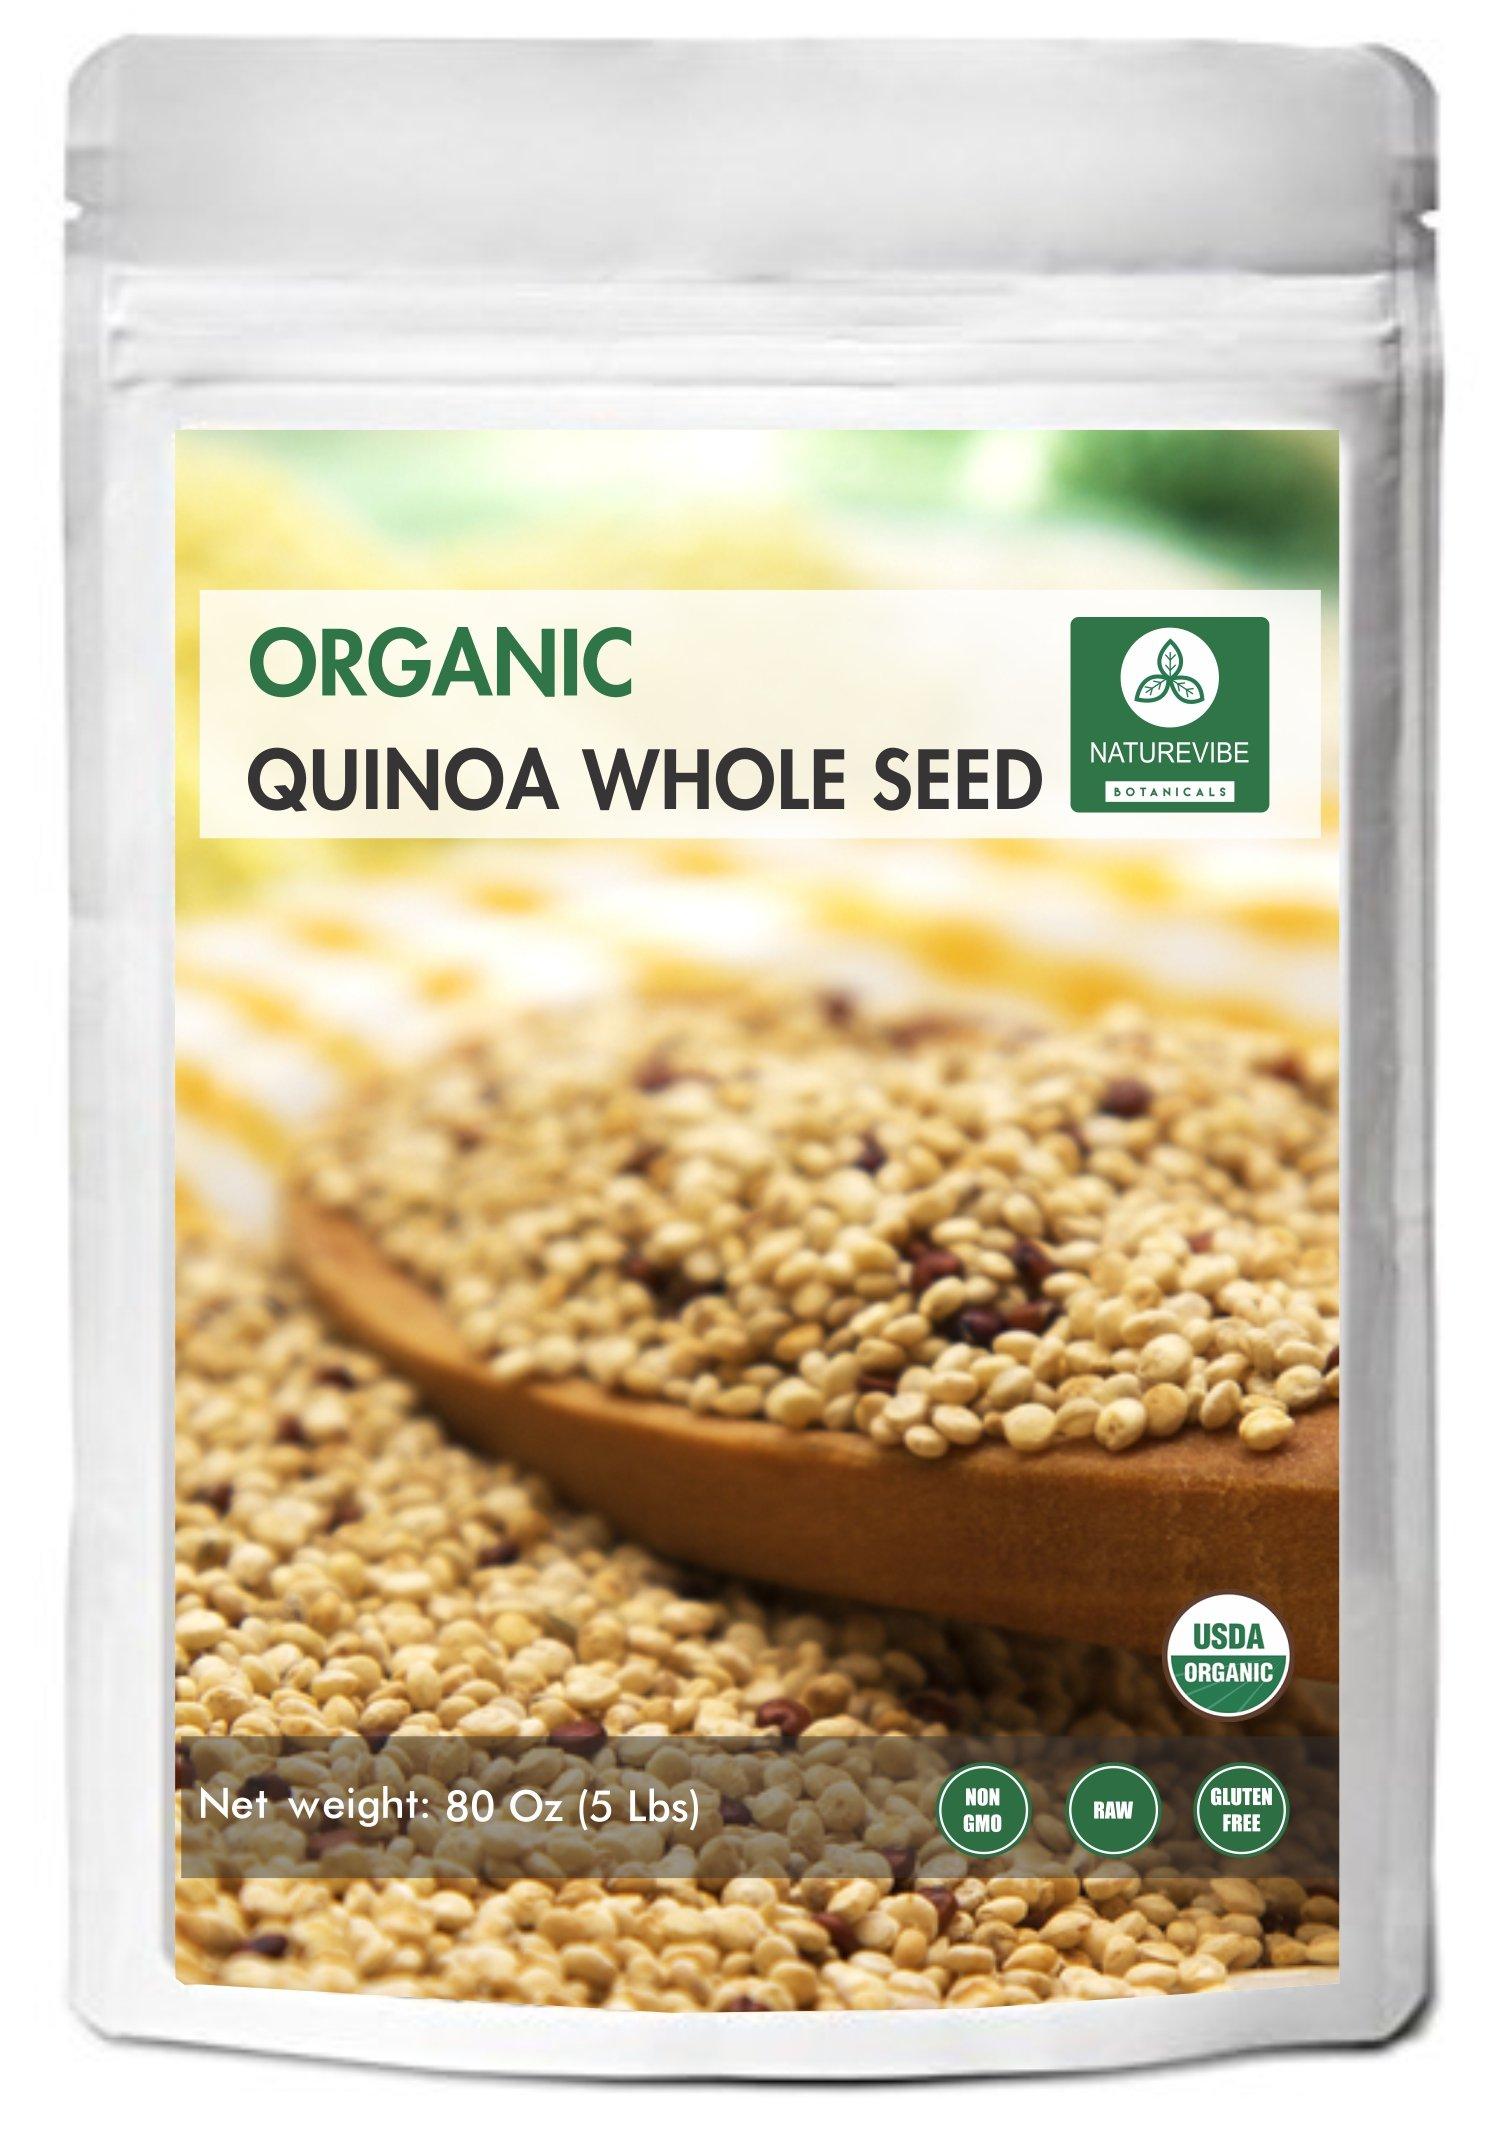 Organic Quinoa (5lb) by Naturevibe Botanicals, Gluten-Free & Non-GMO | Chenopodium quinoa | Rich in Protein, Iron & Fiber. by Naturevibe Botanicals